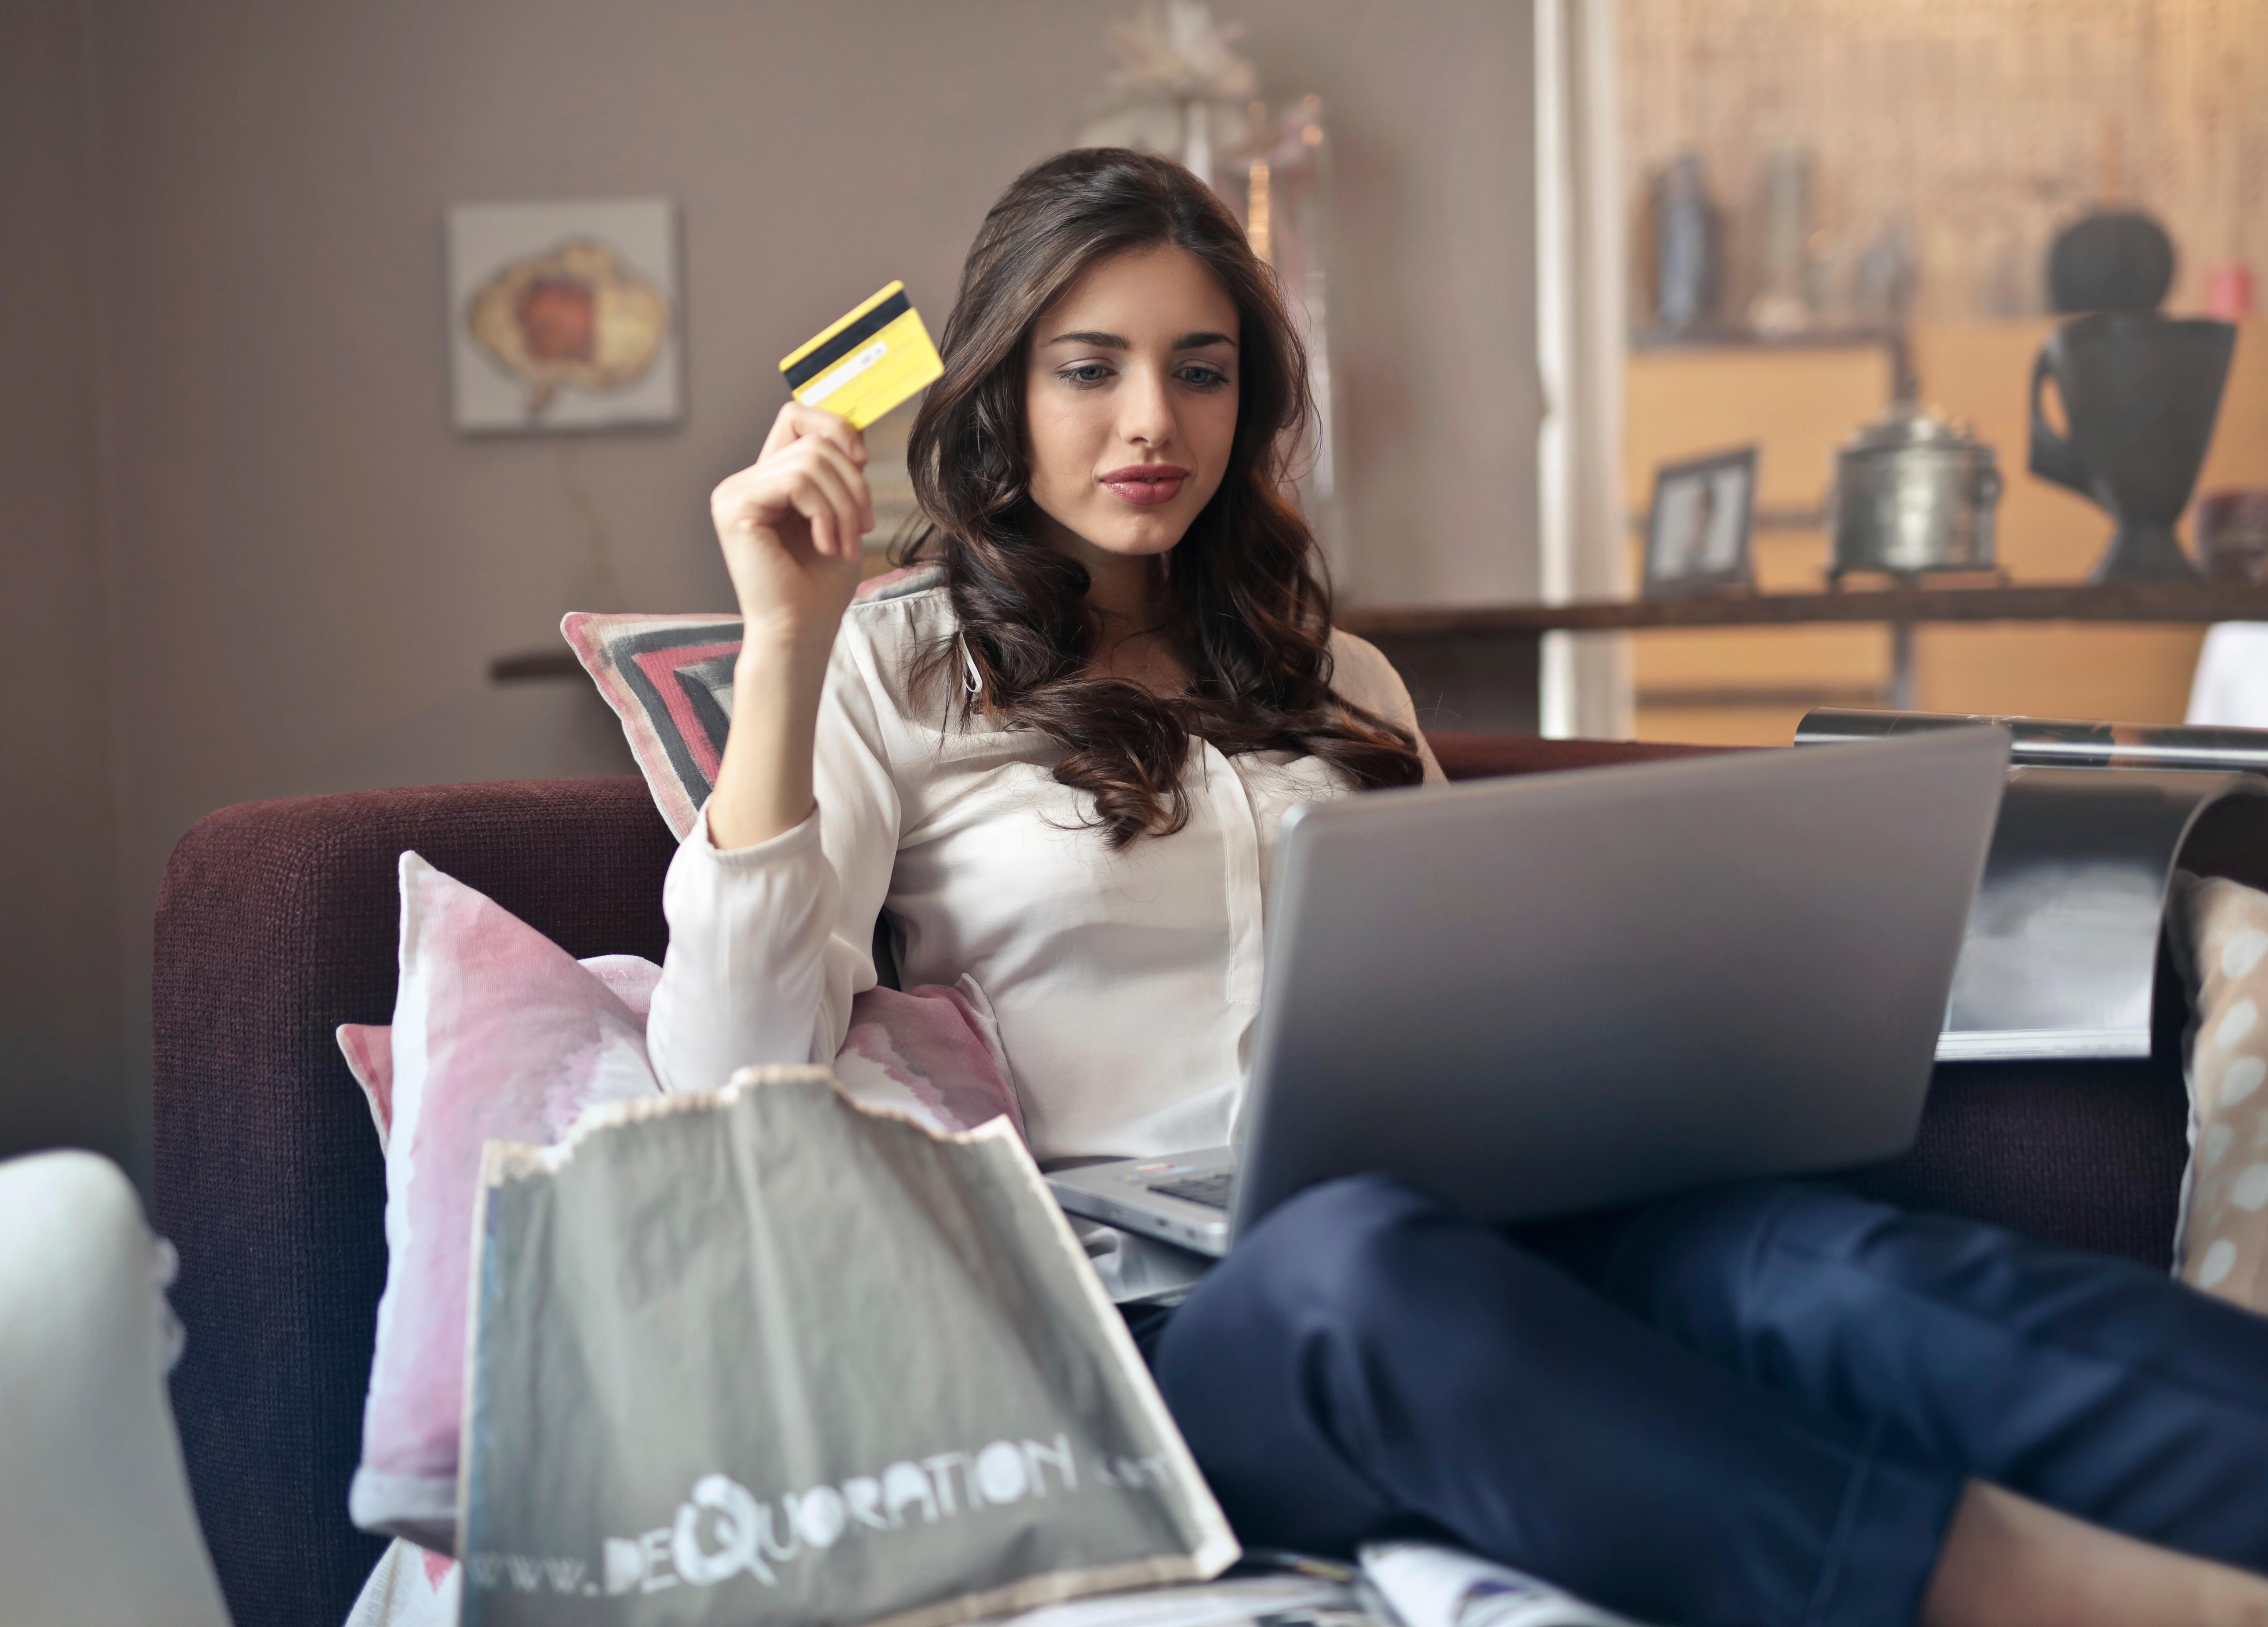 Fashion retail market research